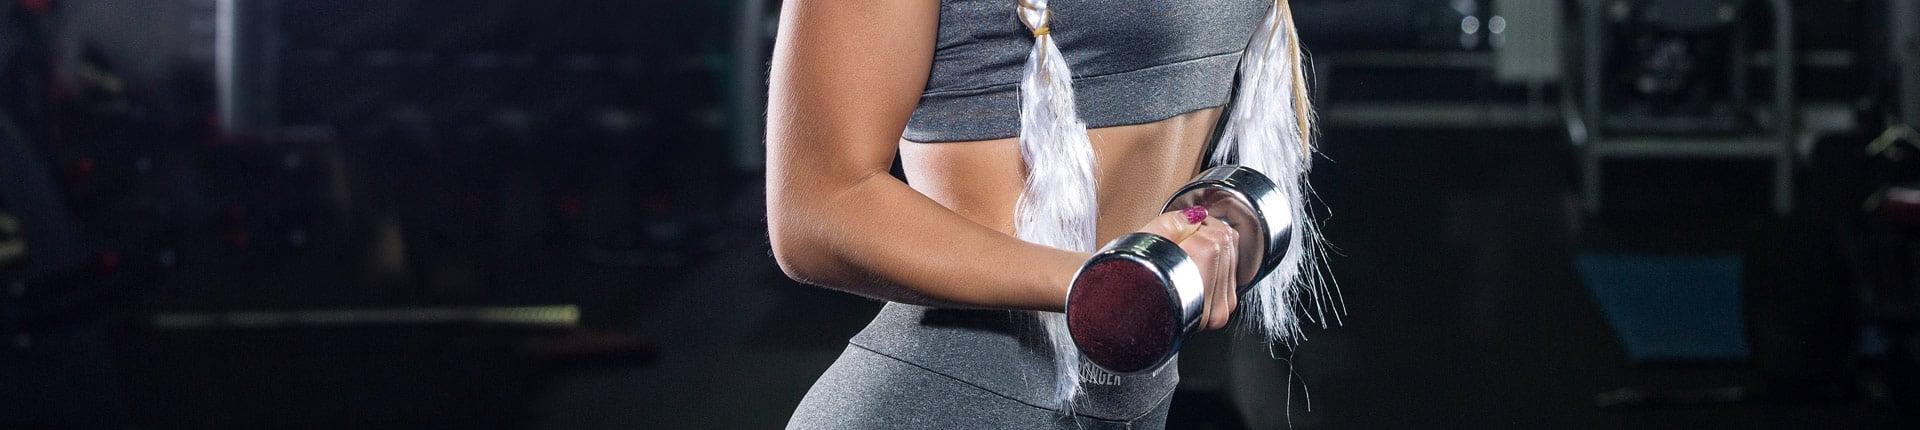 Ćwiczenia na biceps dla dziewczyn